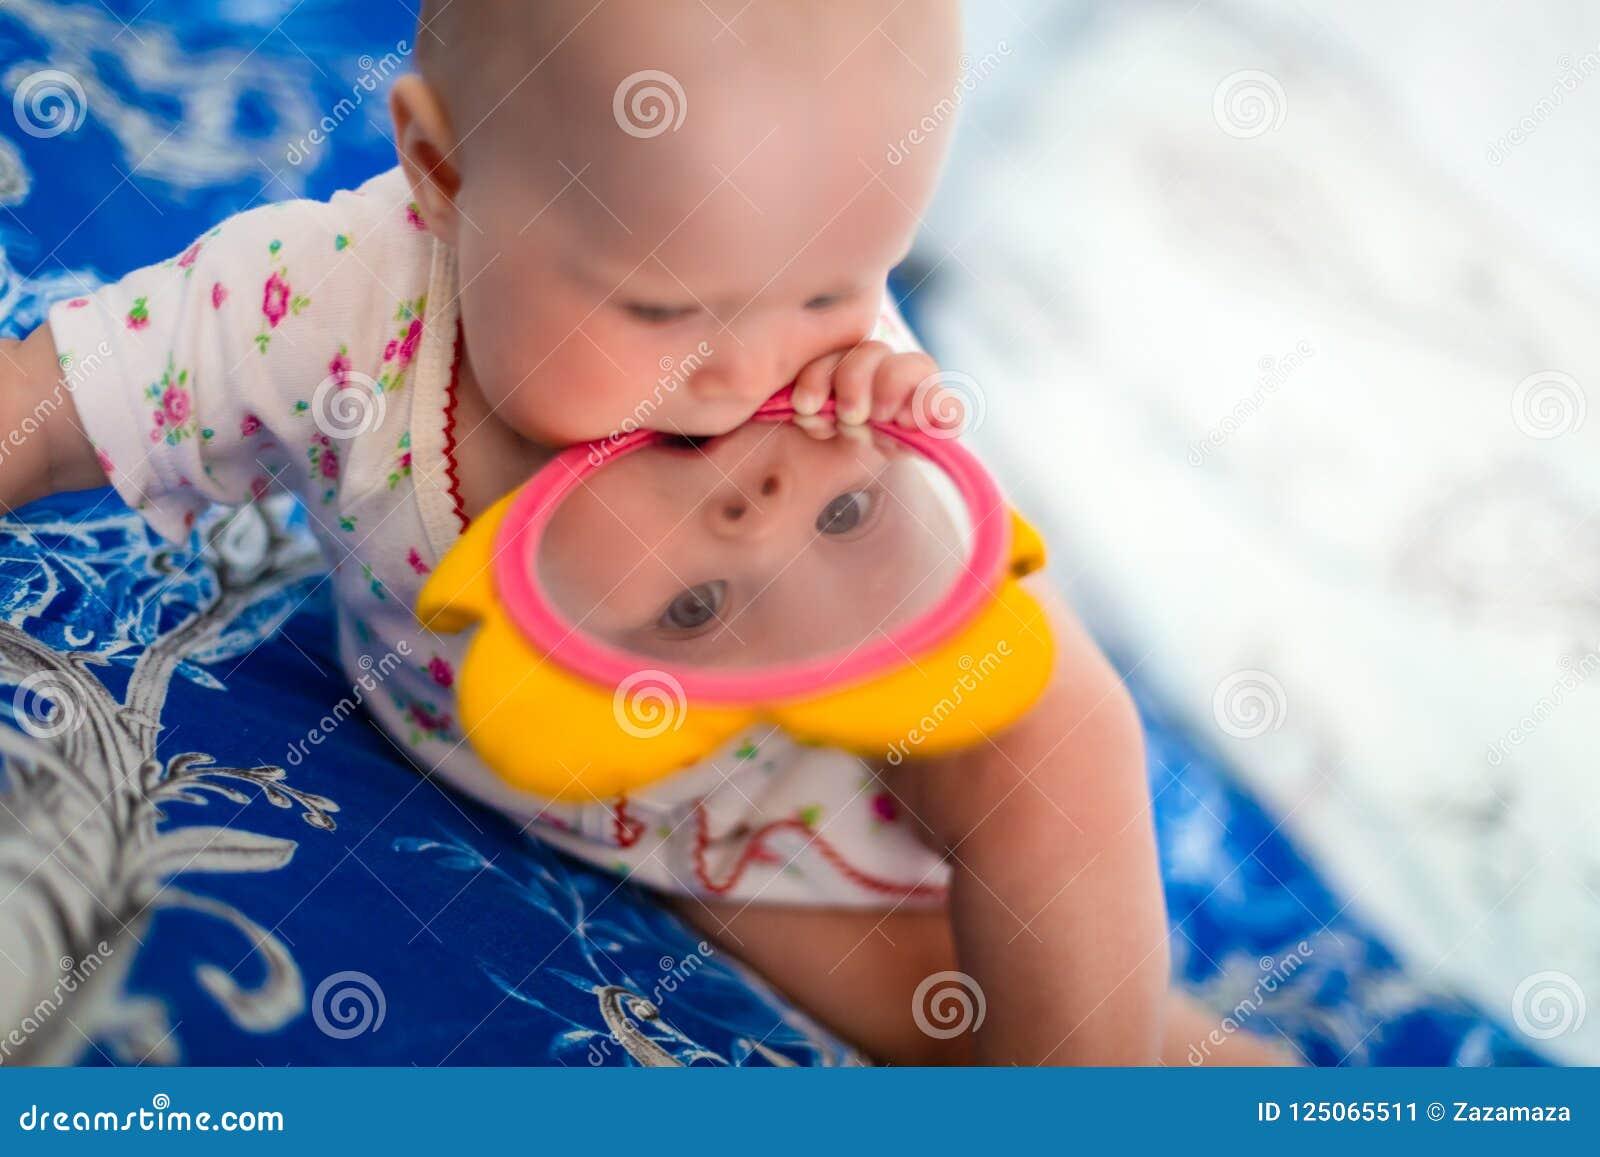 Прелестный и милый ребёнок сидит на кровати и играх с игрушками которая зеркало детей Малый ребенок держит цветок